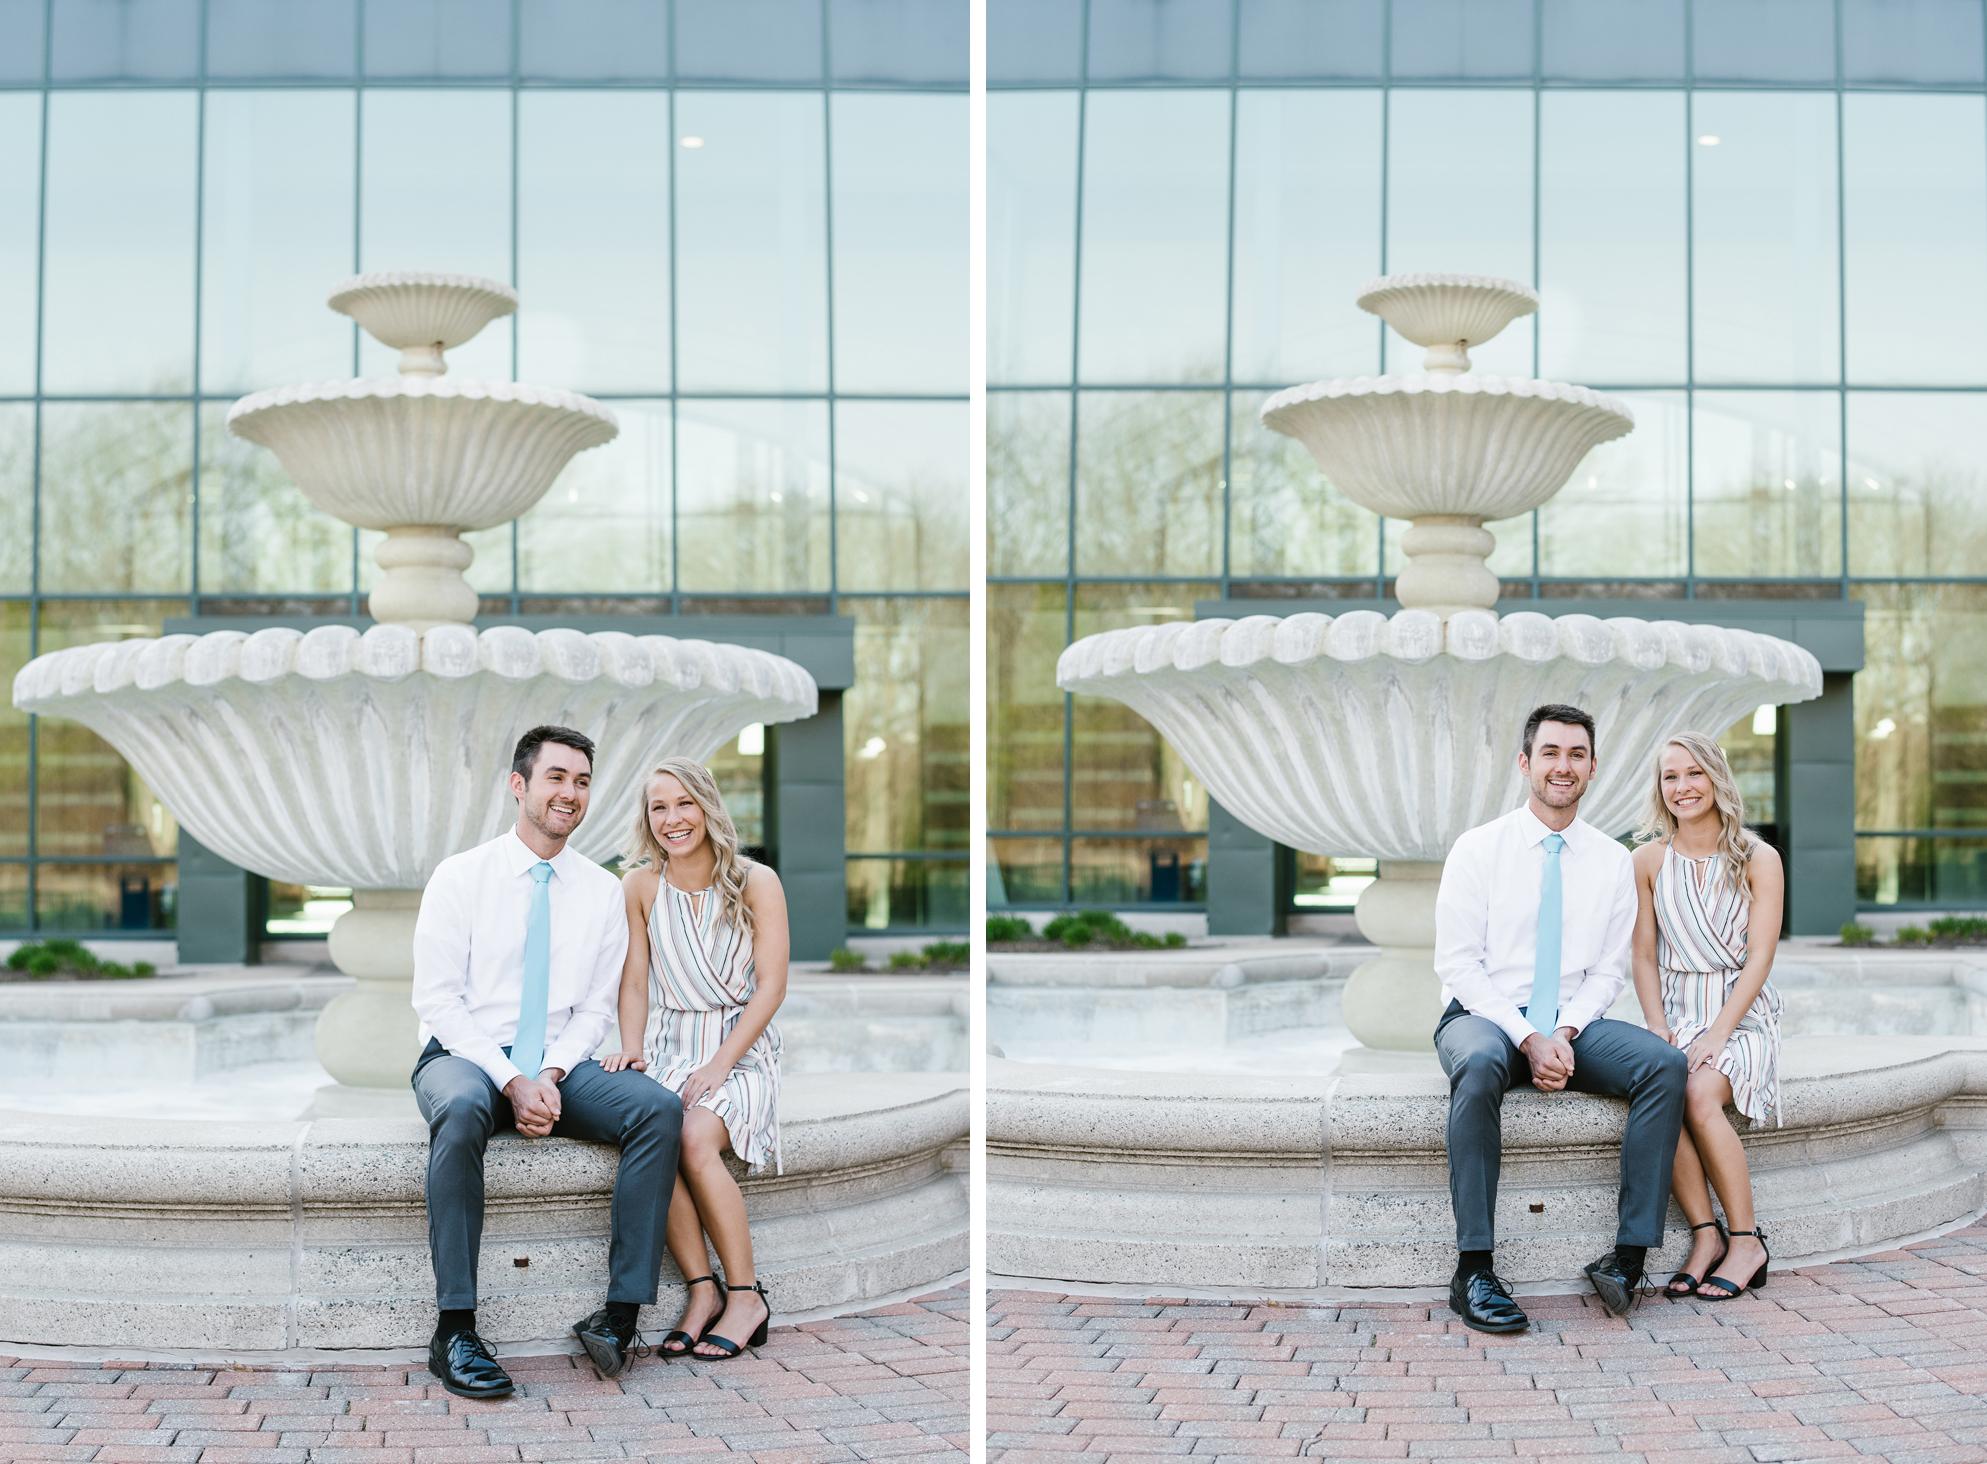 GVSU-michigan-college-graduation-session-fountain-1.jpg